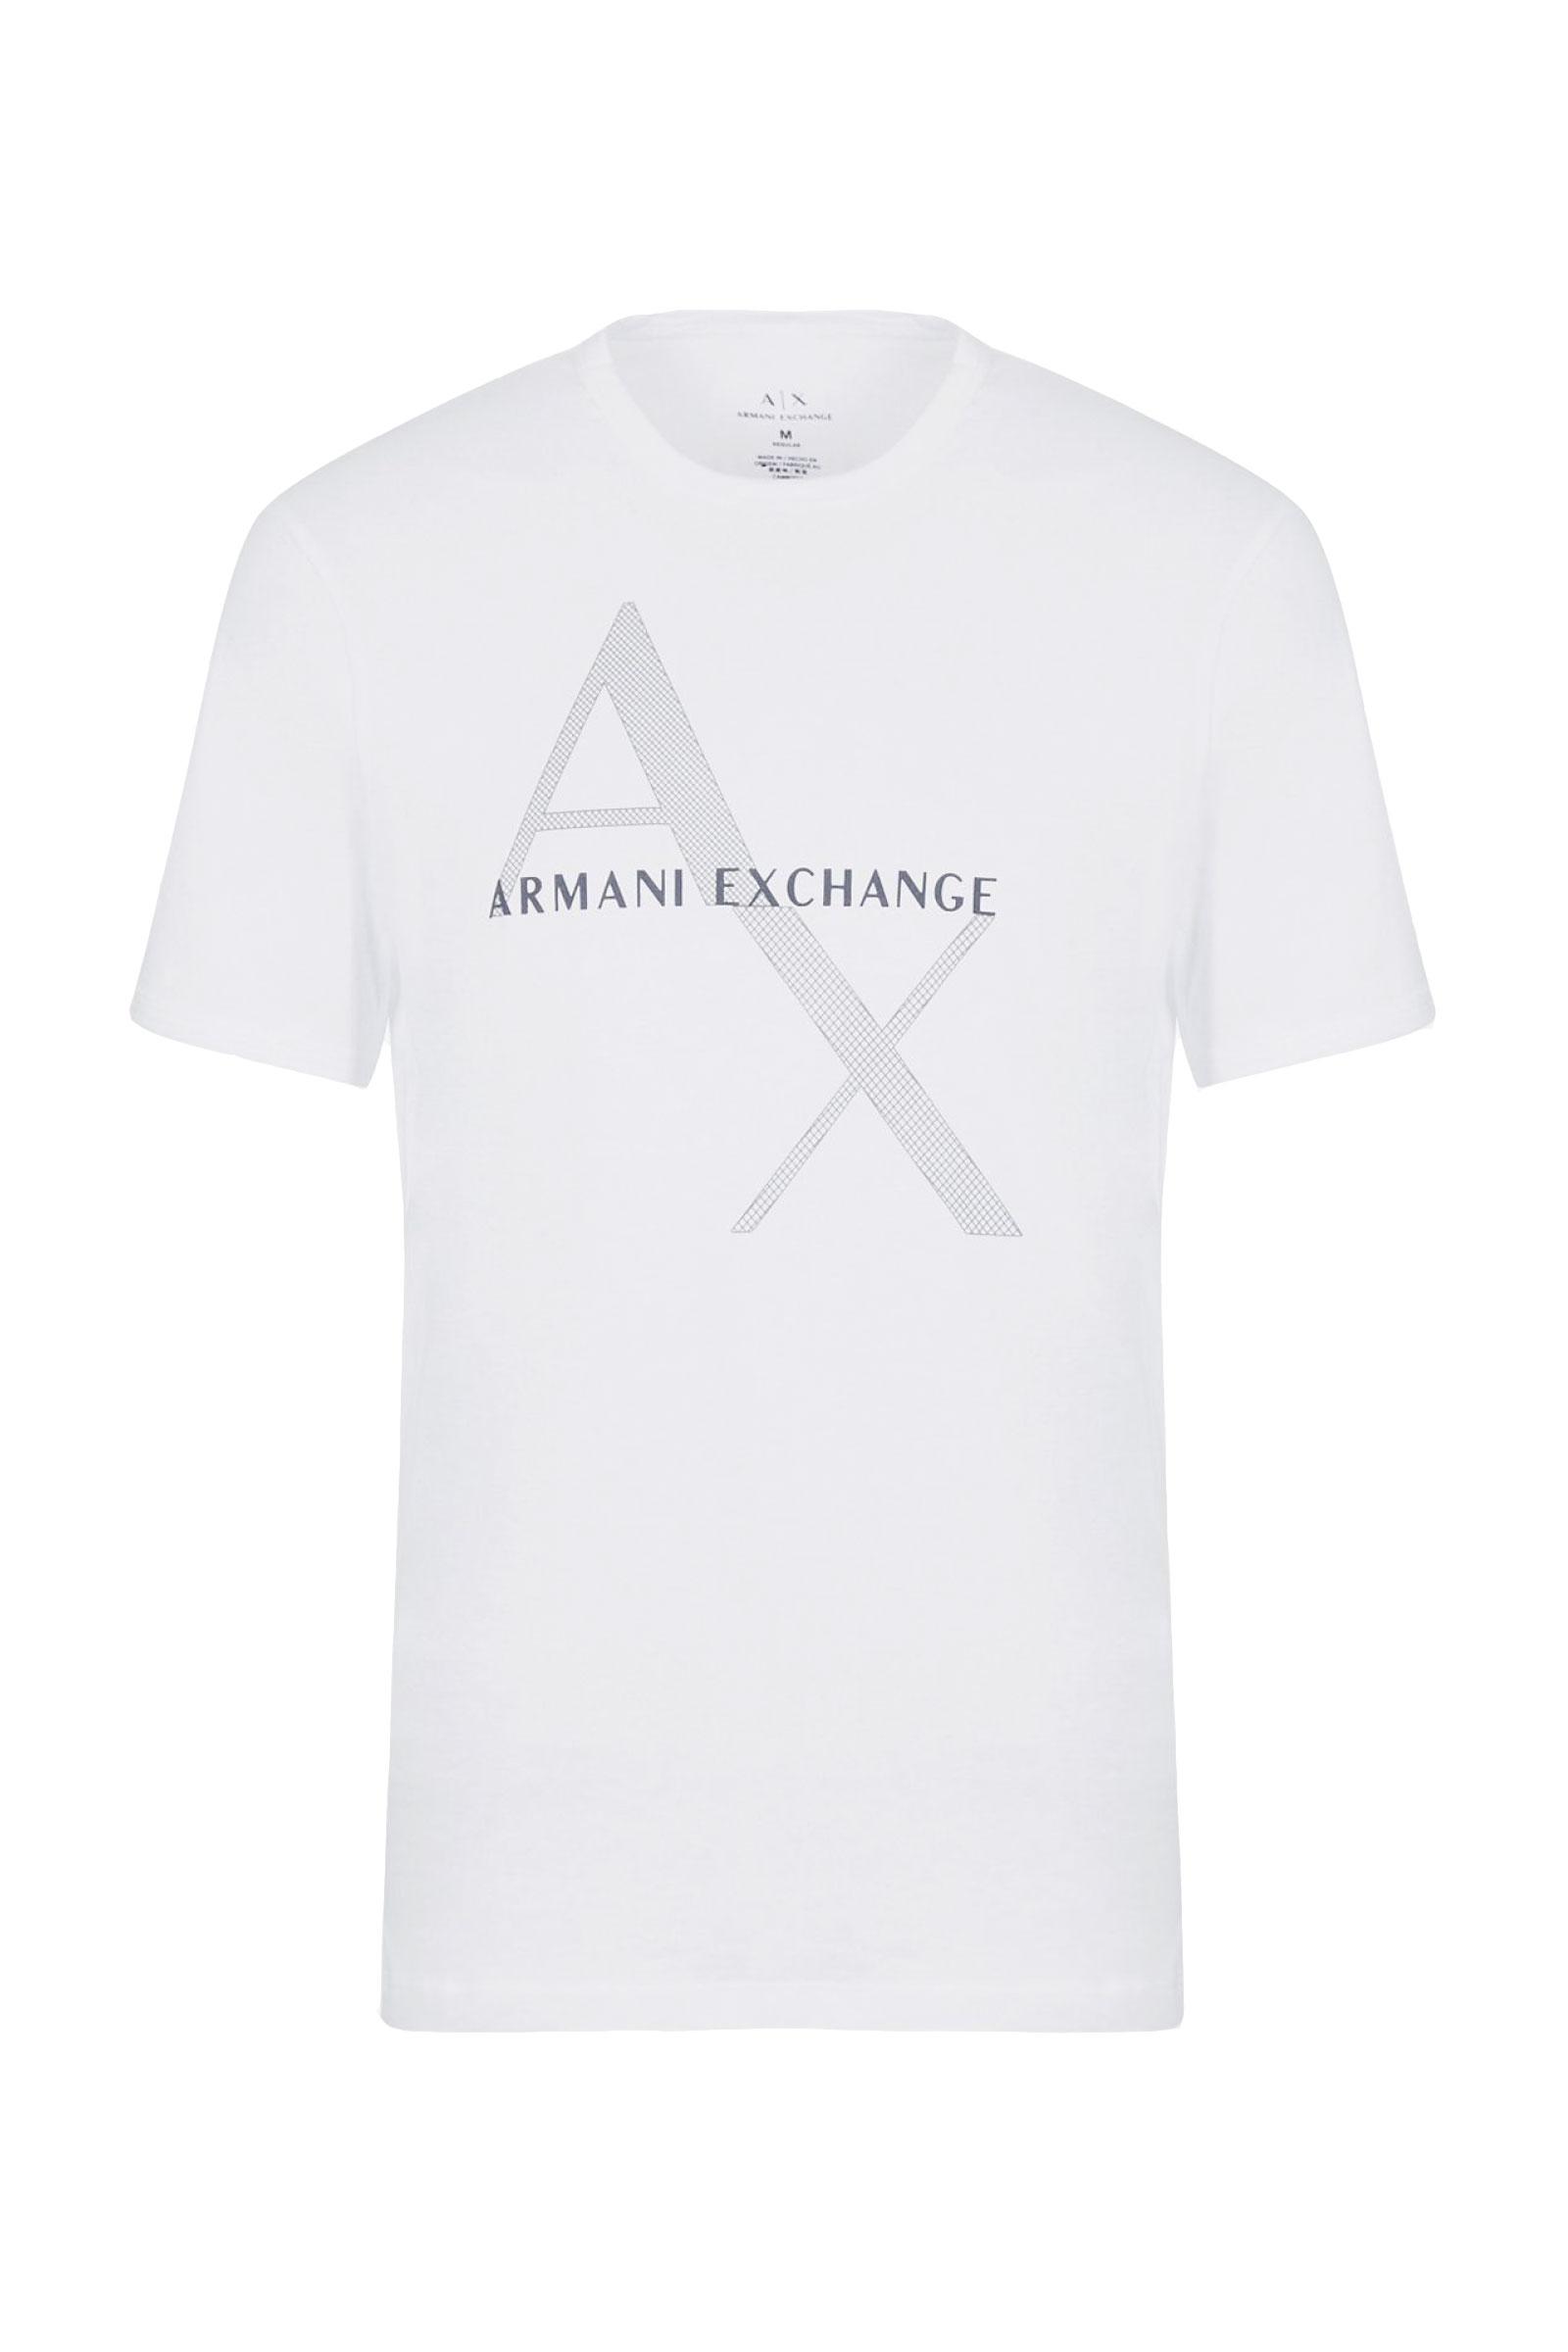 ARMANI EXCHANGE Men's T-Shirt ARMANI EXCHANGE | T-Shirt | 8NZT76 Z8H4Z1100